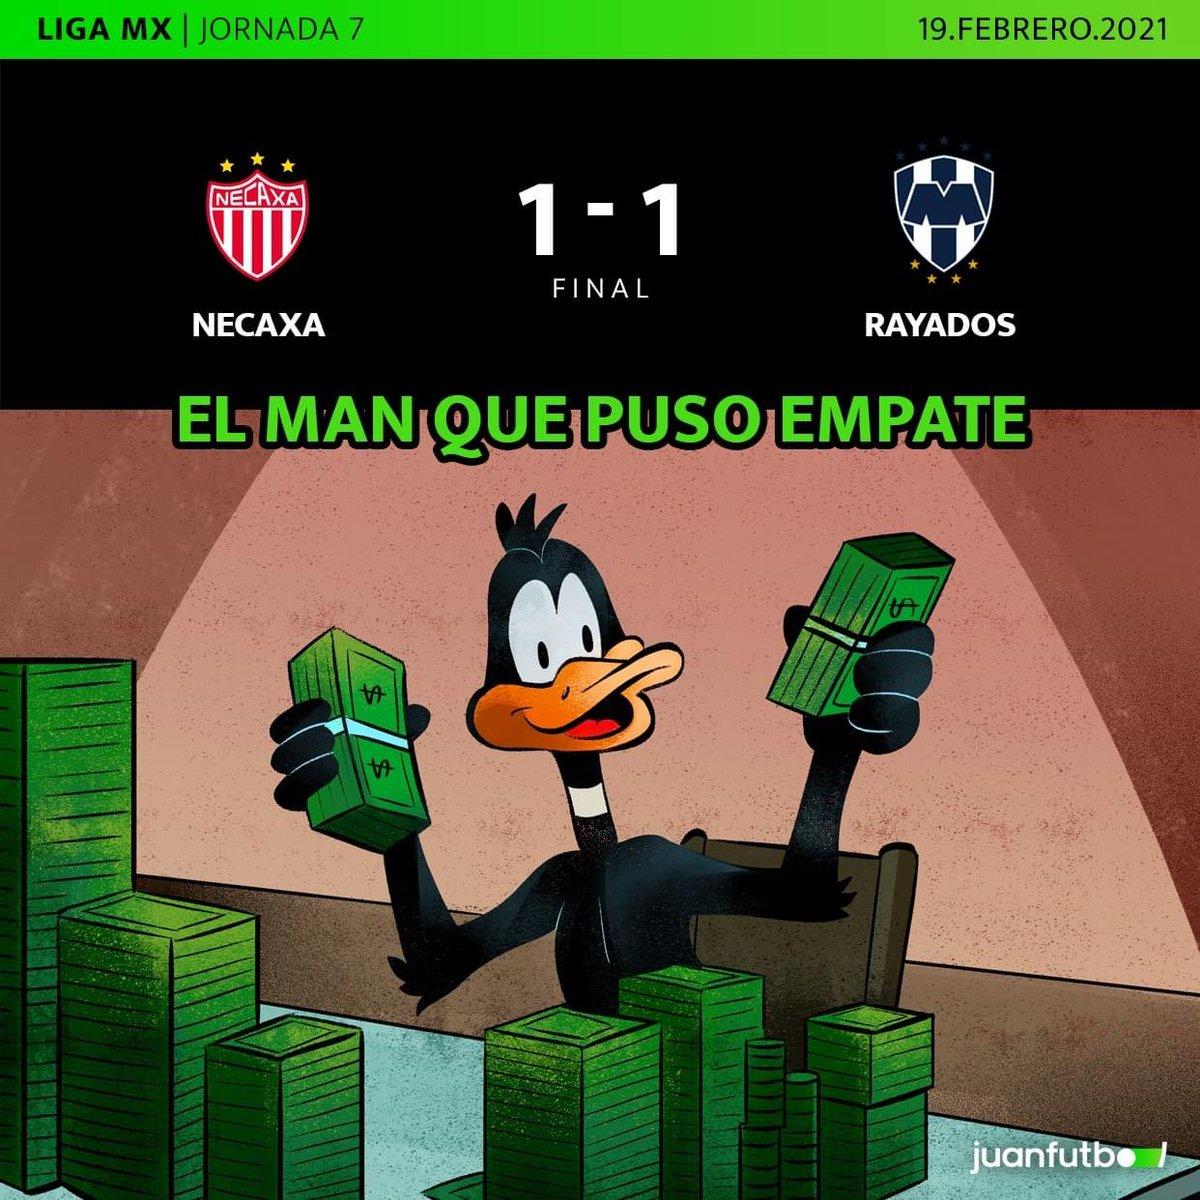 ¡SE ACABÓ!  Monterrey sigue sin convencer y empata contra Necaxa. Los del Vasco tuvieron varias ocasiones para sentenciar pero perdonaron. Los goles fueron de Meza y Barragán. https://t.co/6LM8Y8r34u